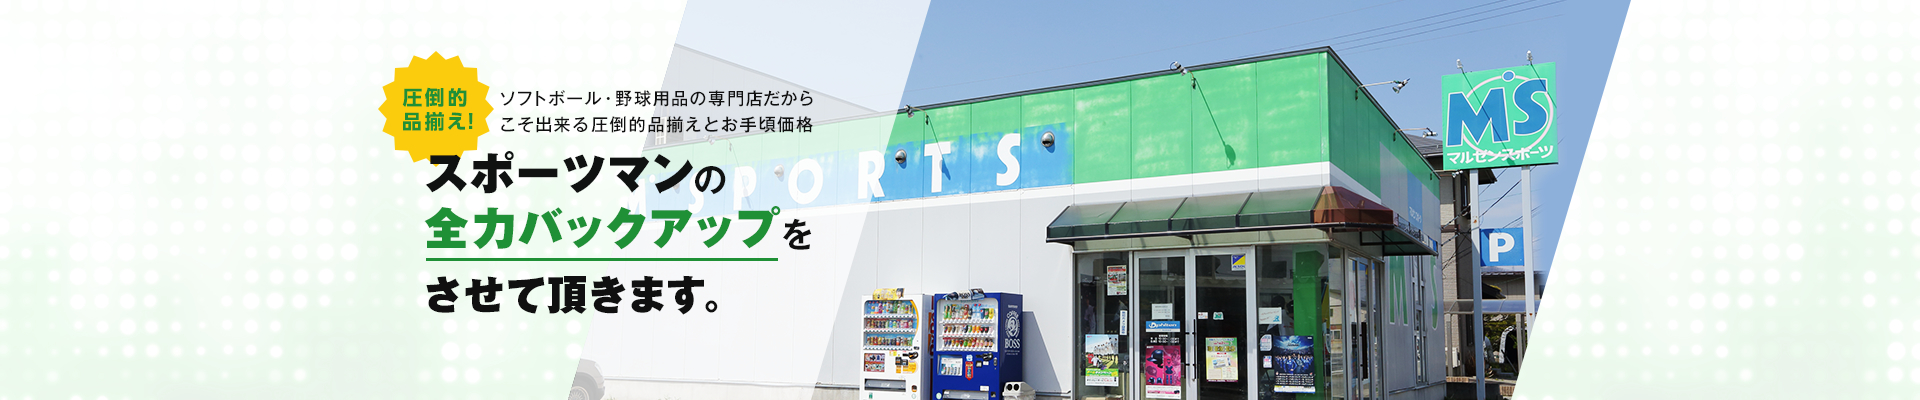 ハタケヤマ・ゼット・ザナックス、SKINS(スキンズ)等を中心とした山形県南陽市にある ソフトボール、野球用品通販の丸善スポーツです。